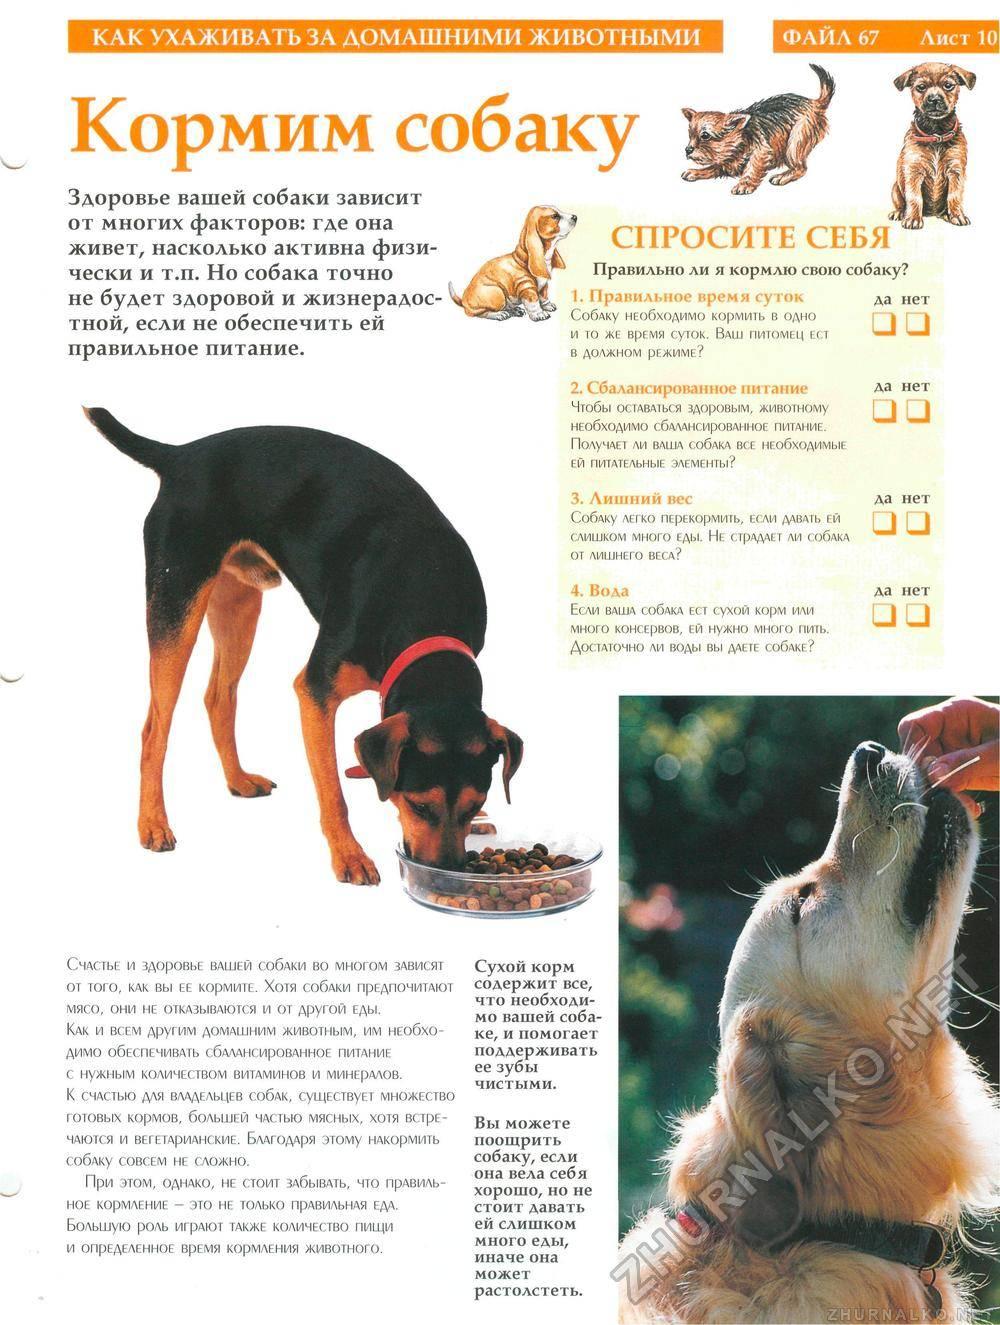 Мопс: уход и содержание щенка в домашних условиях и в квартире, а также как чистить уши и проводить стрижку под машинку